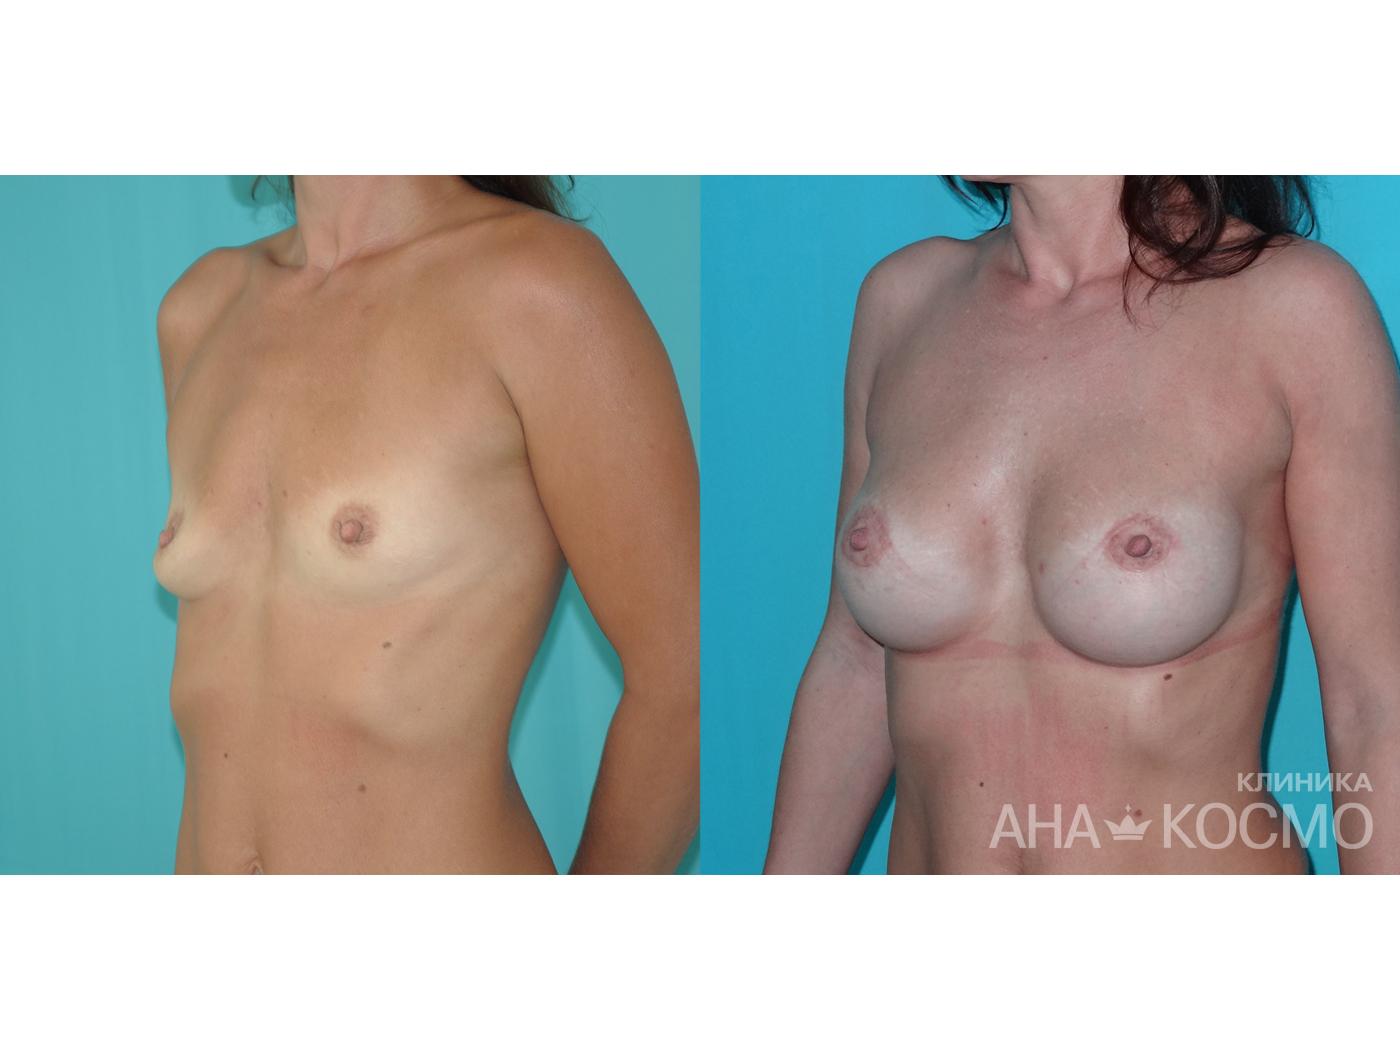 Стоимость операции по удалению опухоли на груди